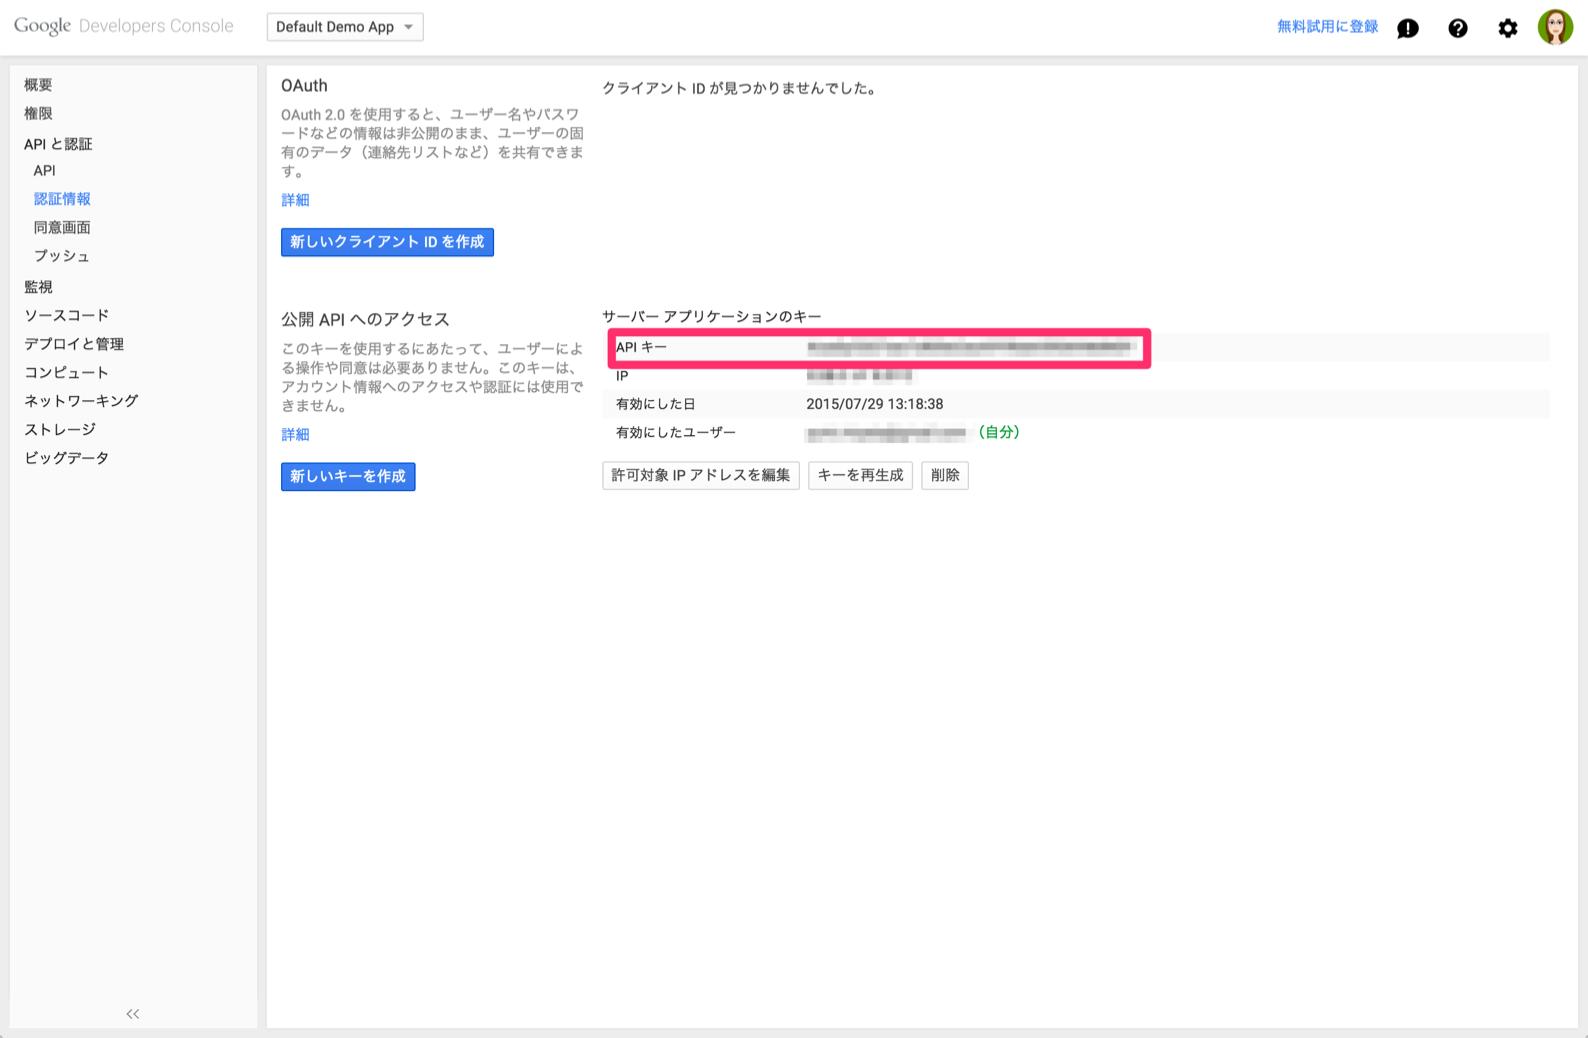 認証情報_-_Default_Demo_App4.png